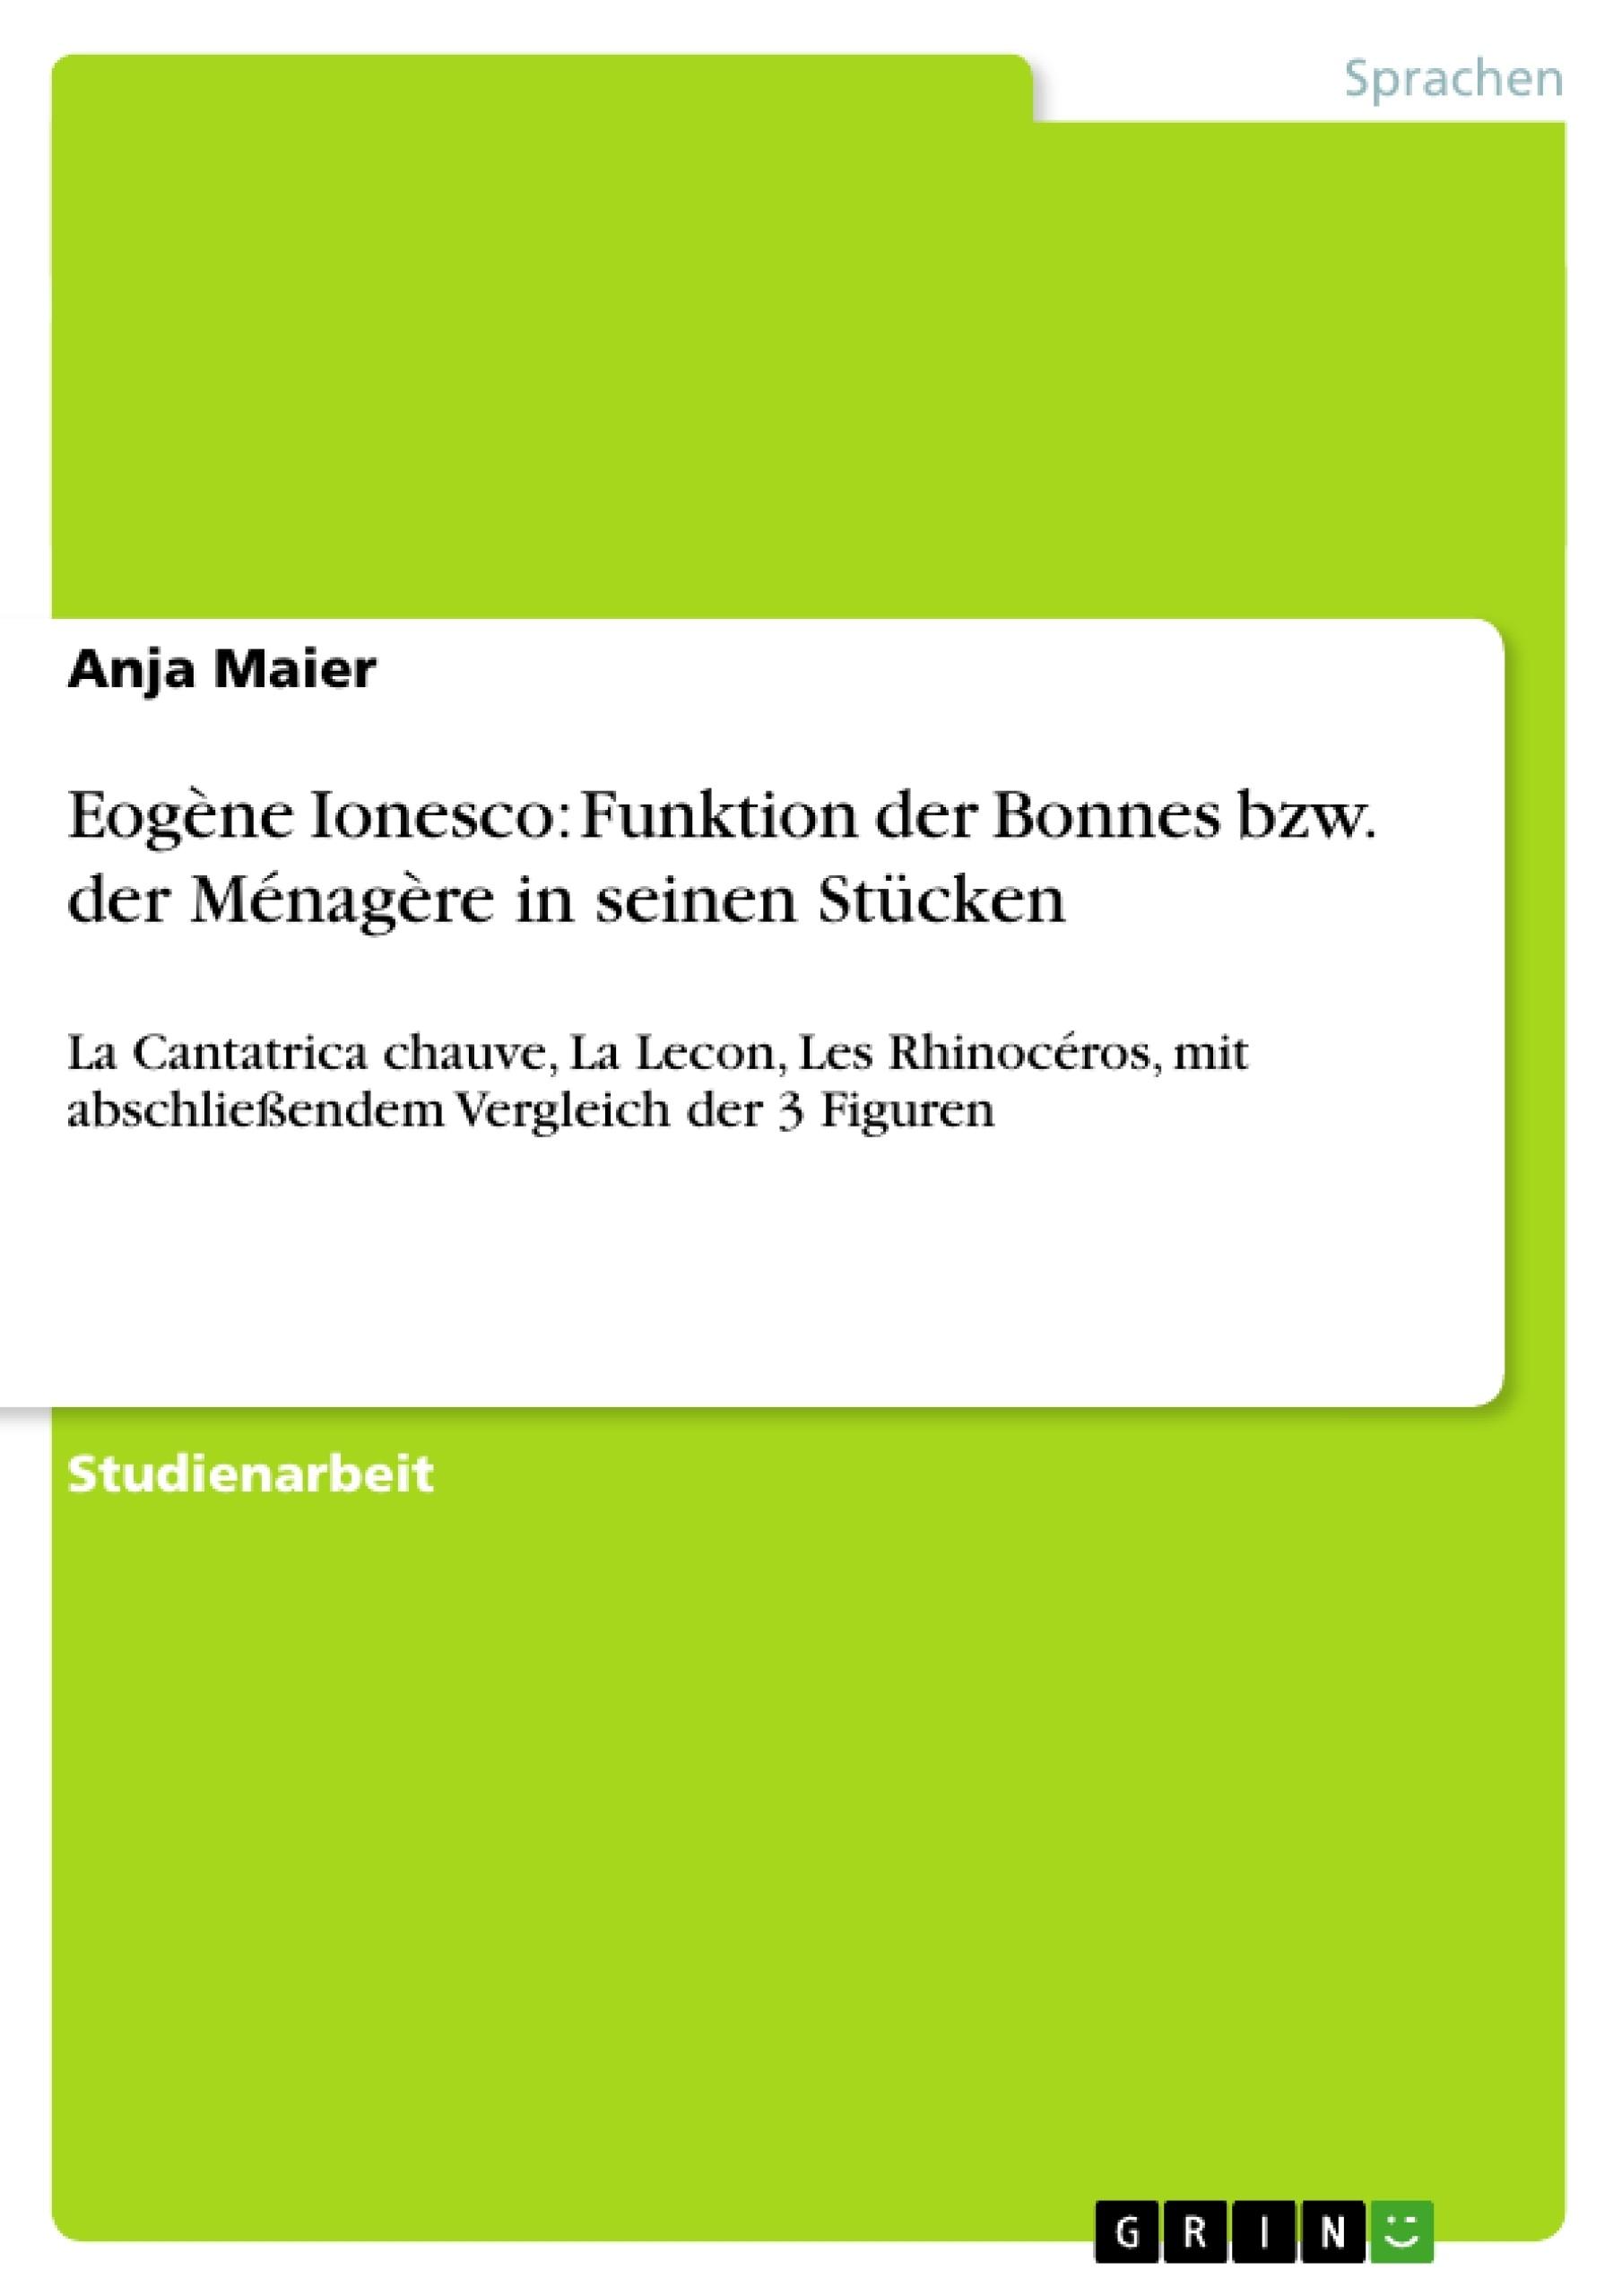 Titel: Eogène Ionesco: Funktion der Bonnes bzw. der Ménagère in seinen Stücken